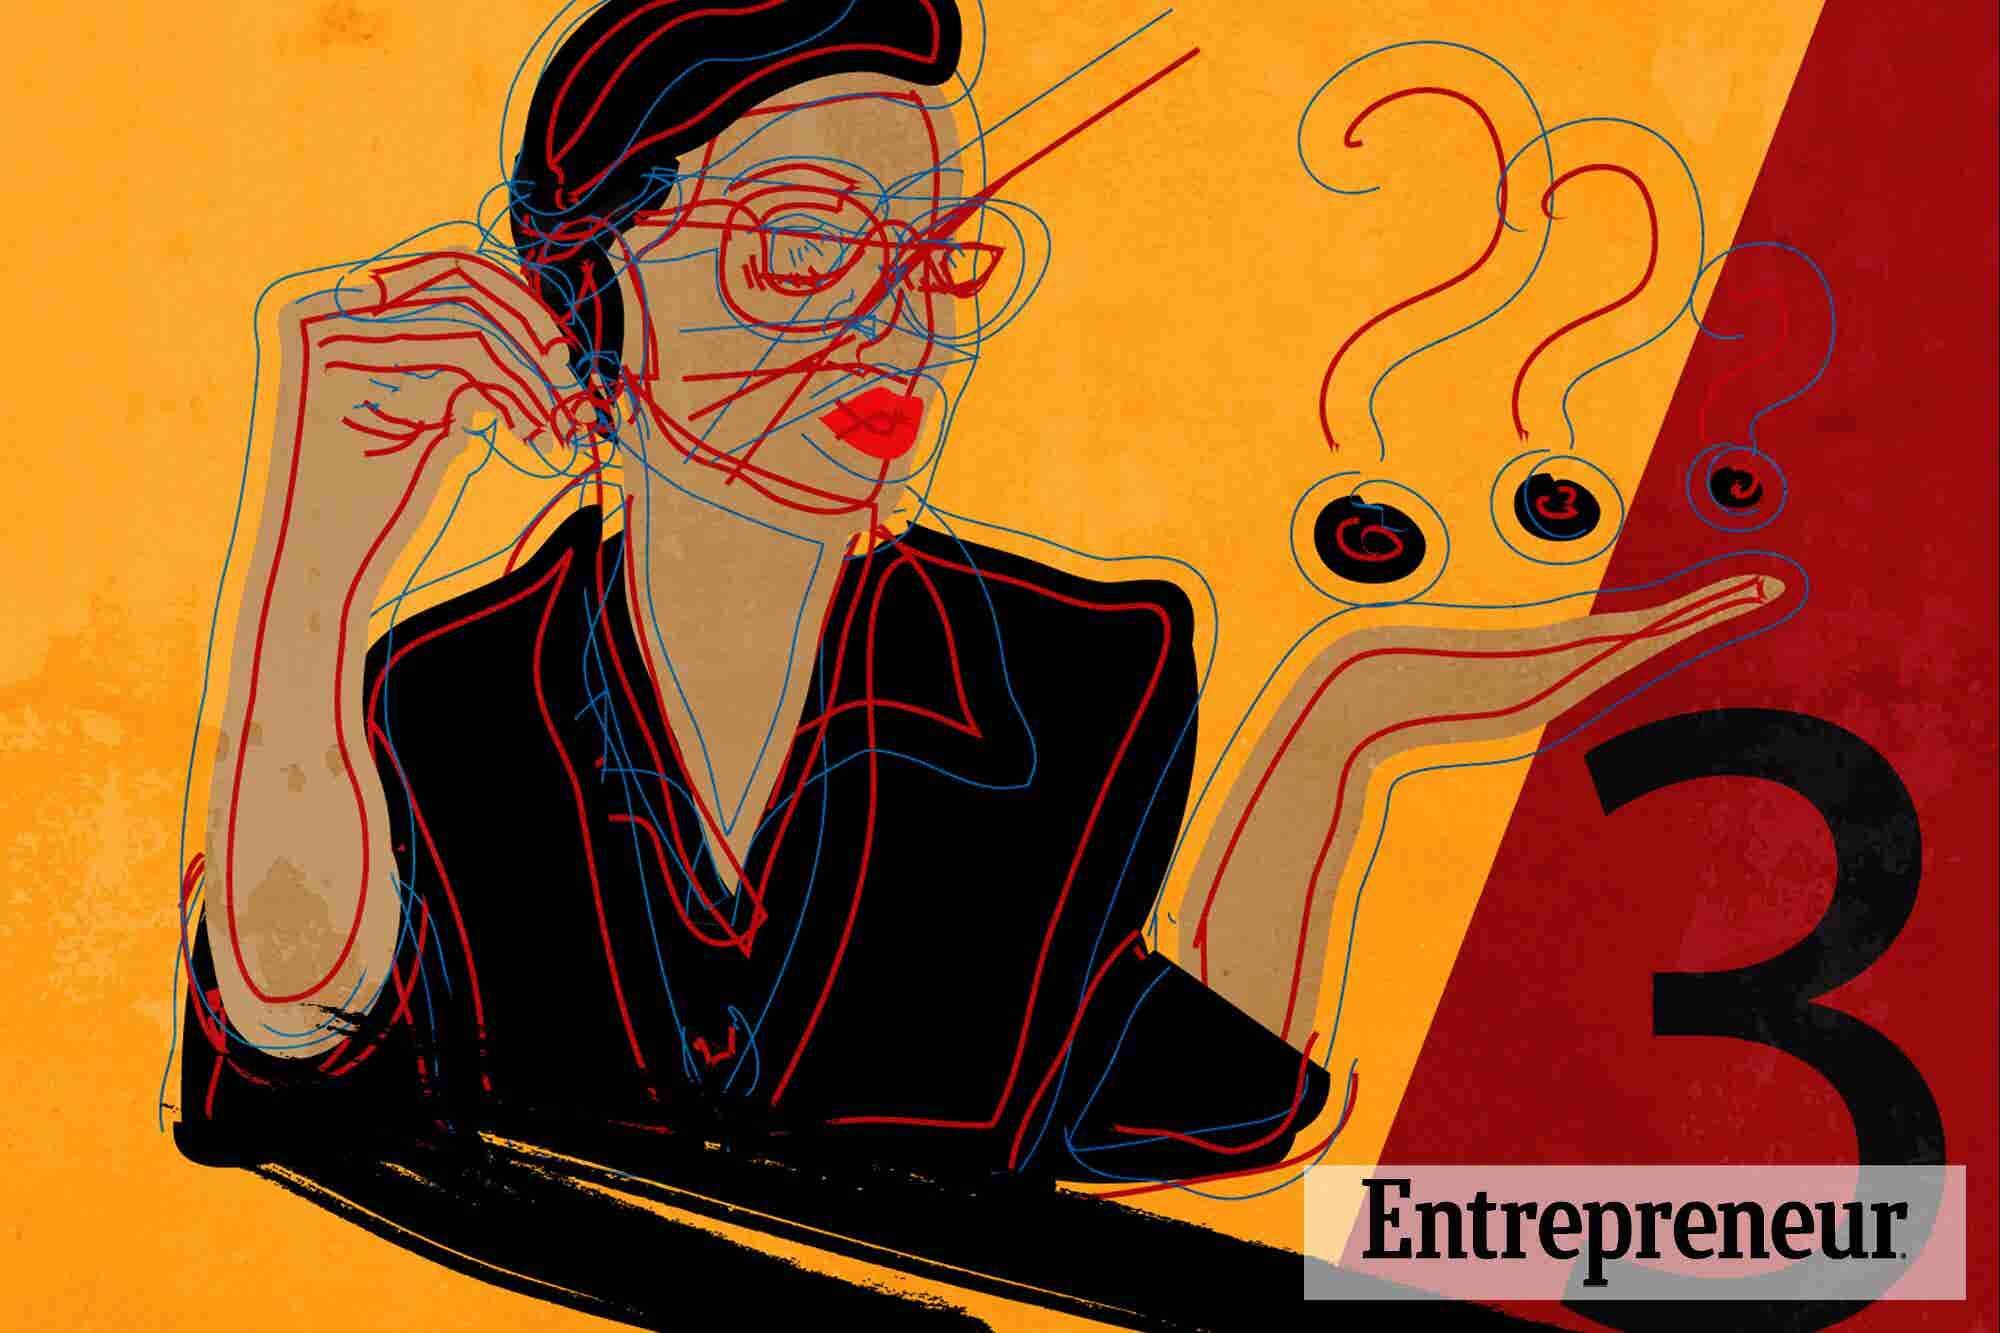 3 გულწრფელი შეკითხვა, რომელიც შენს თავს უნდა დაუსვა, სანამ საკუთარ ბიზნესს წამოიწყებ